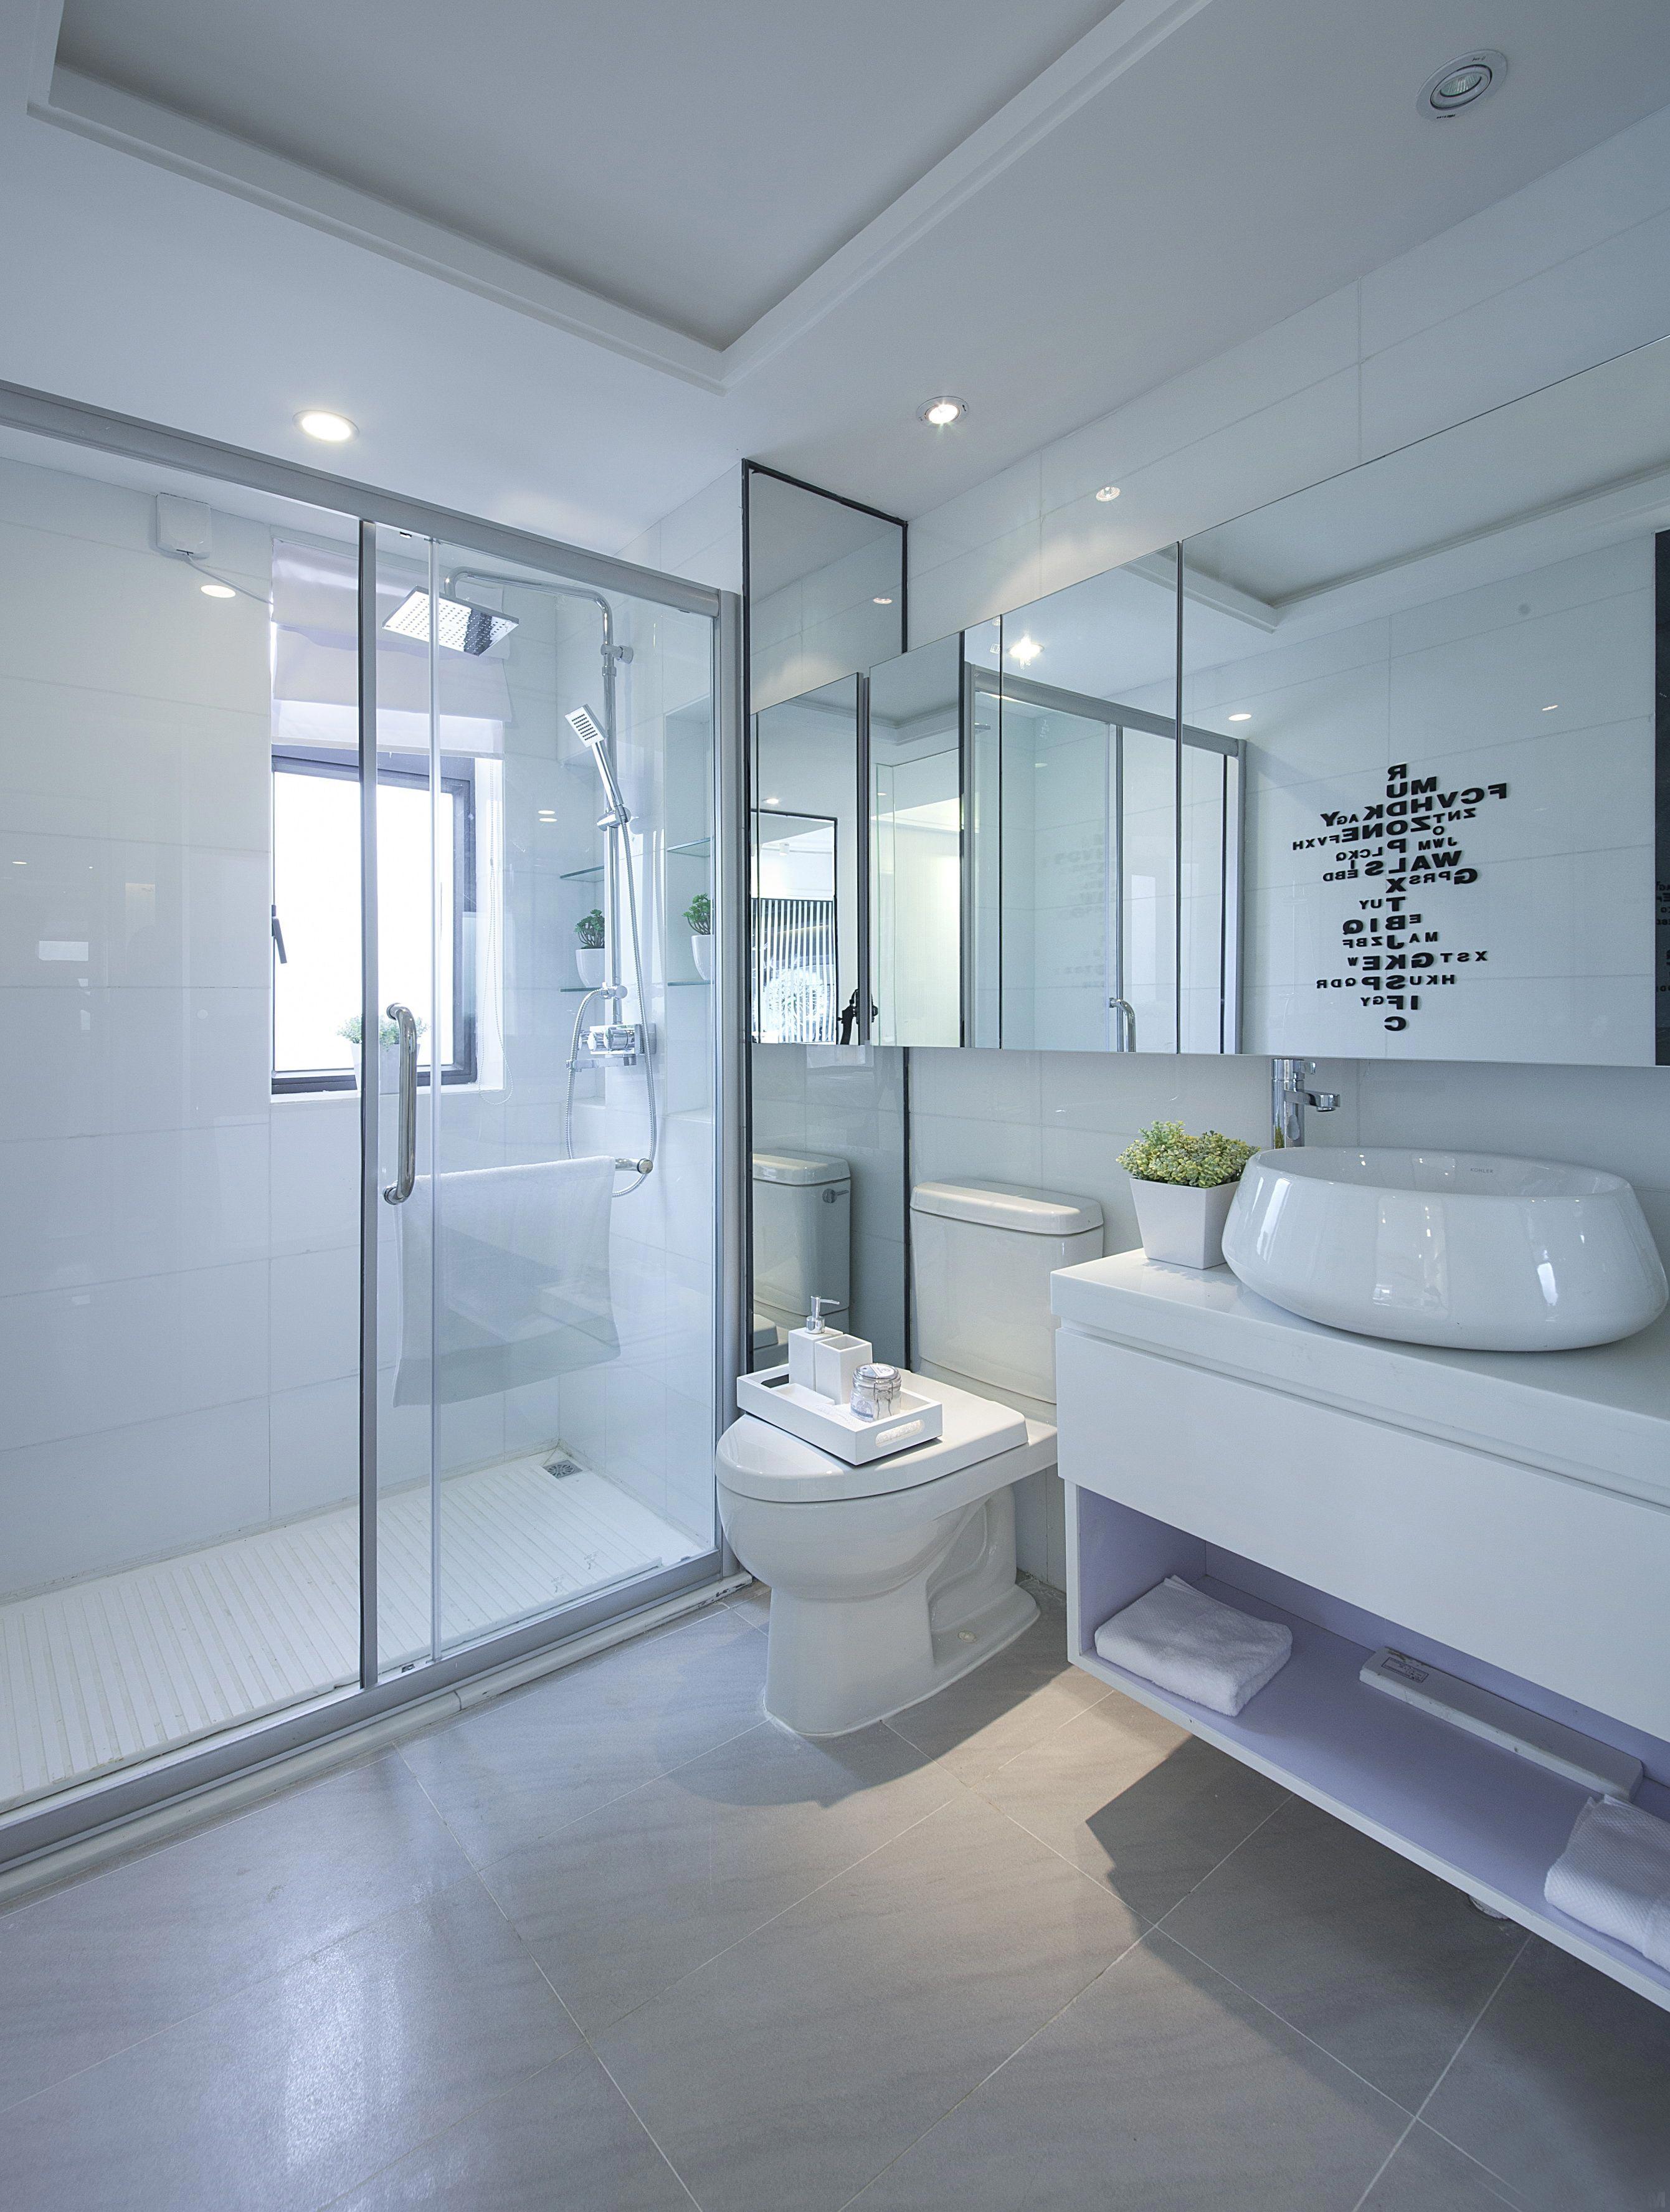 简约现代风格别墅卫生间装修效果图